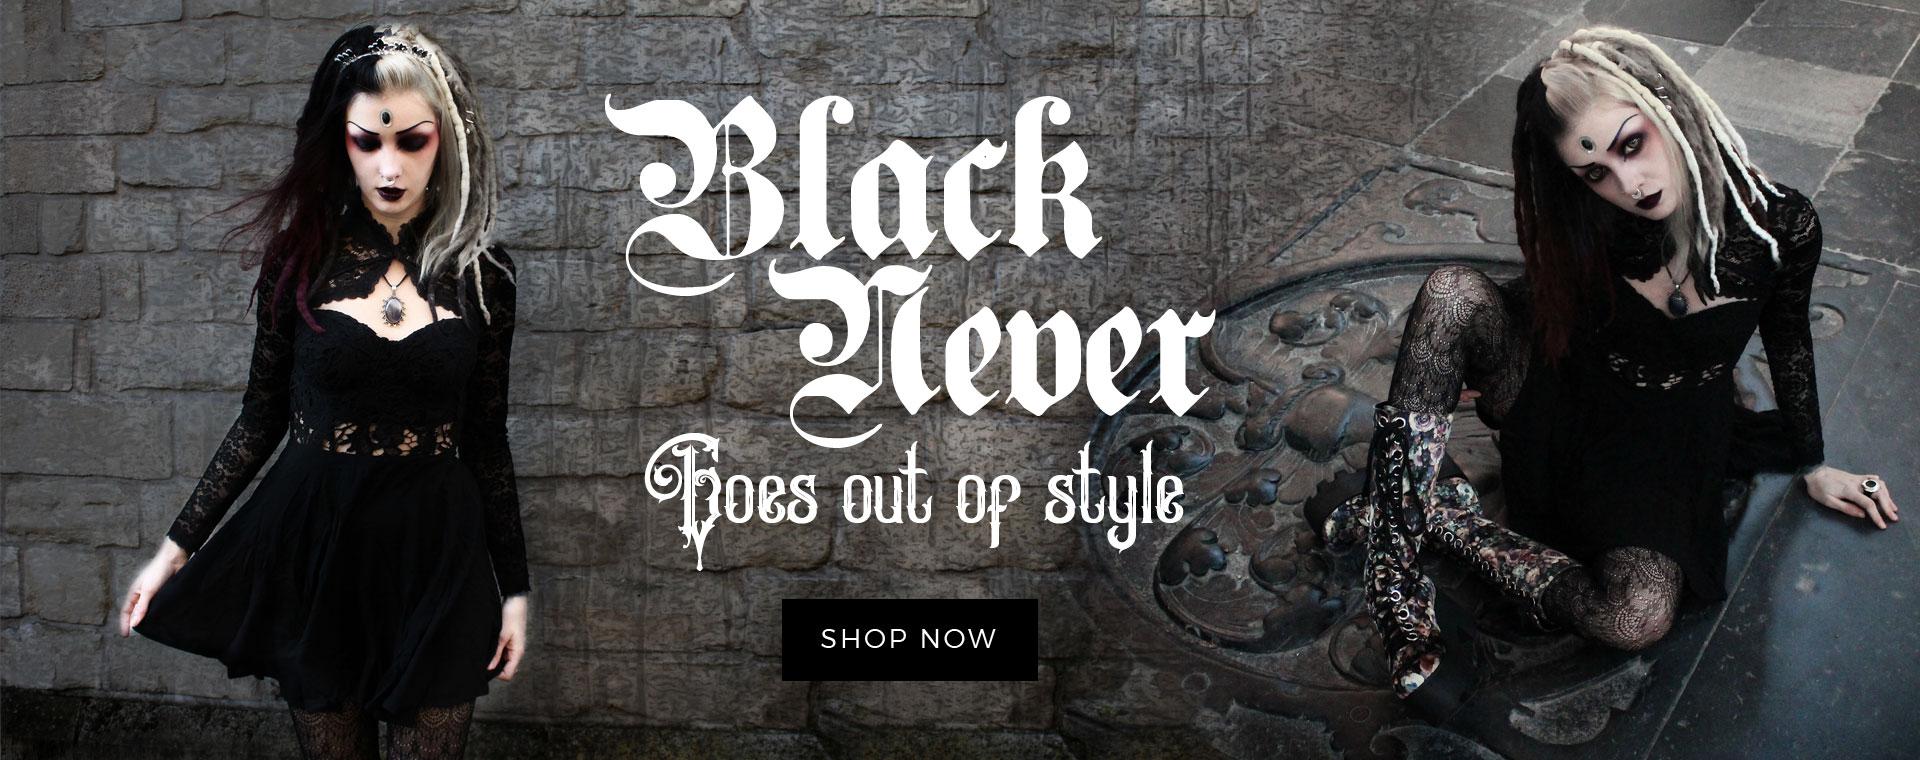 Queen Of Darkness Gothic Fashion Shop